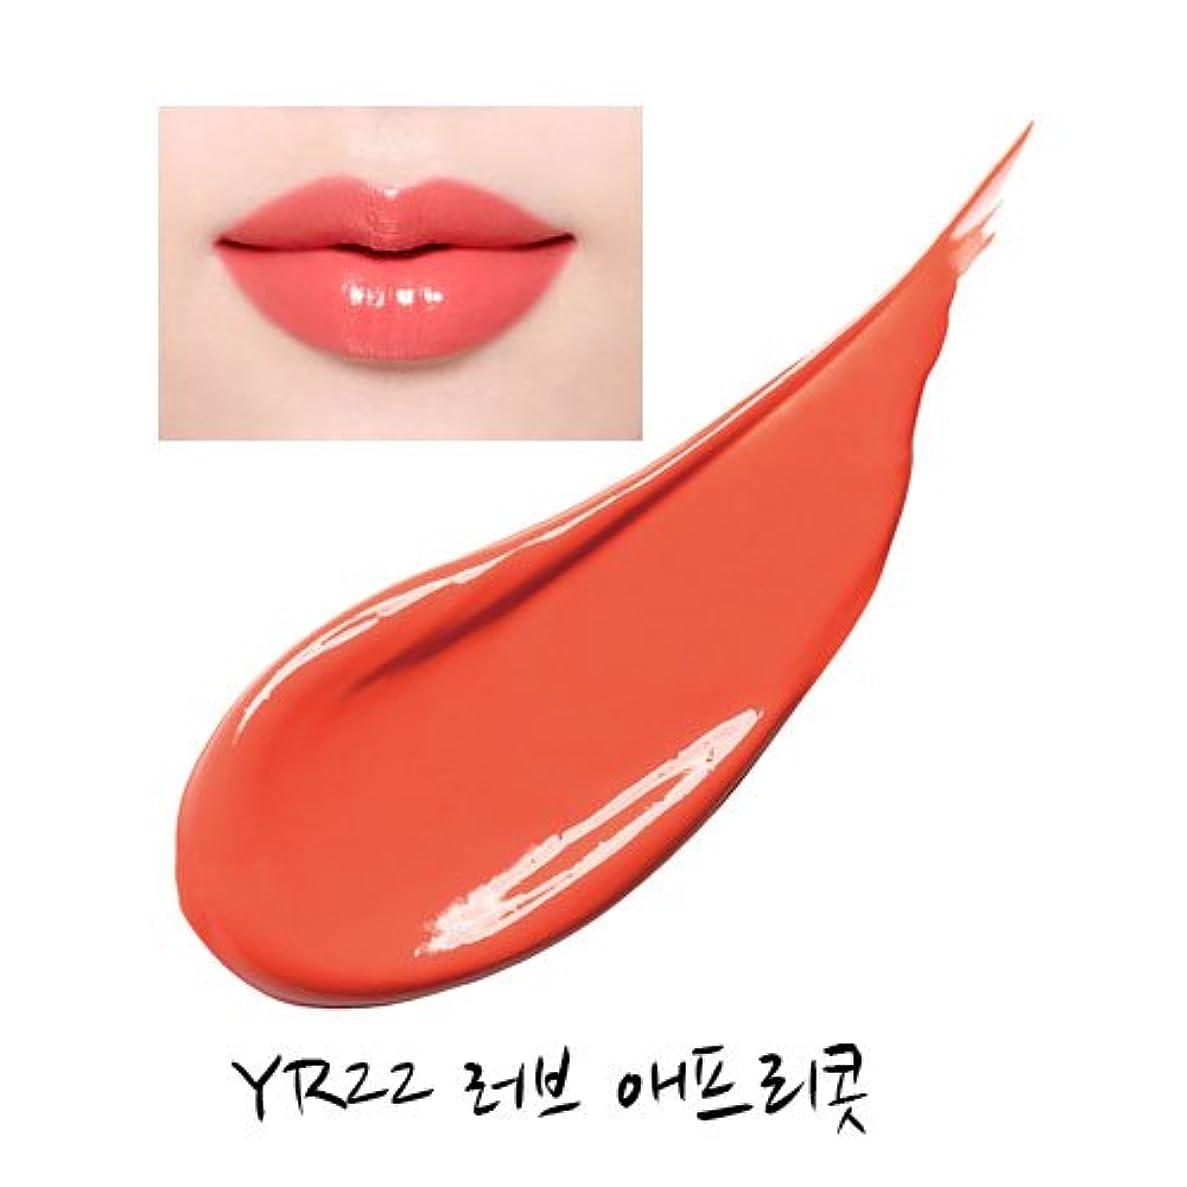 和二年生和ラネージュ [韓国コスメ LANEIGE] セラム インテンス リップスティック # Serum Intense Lipstick 3.5g (YR22) [並行輸入品]